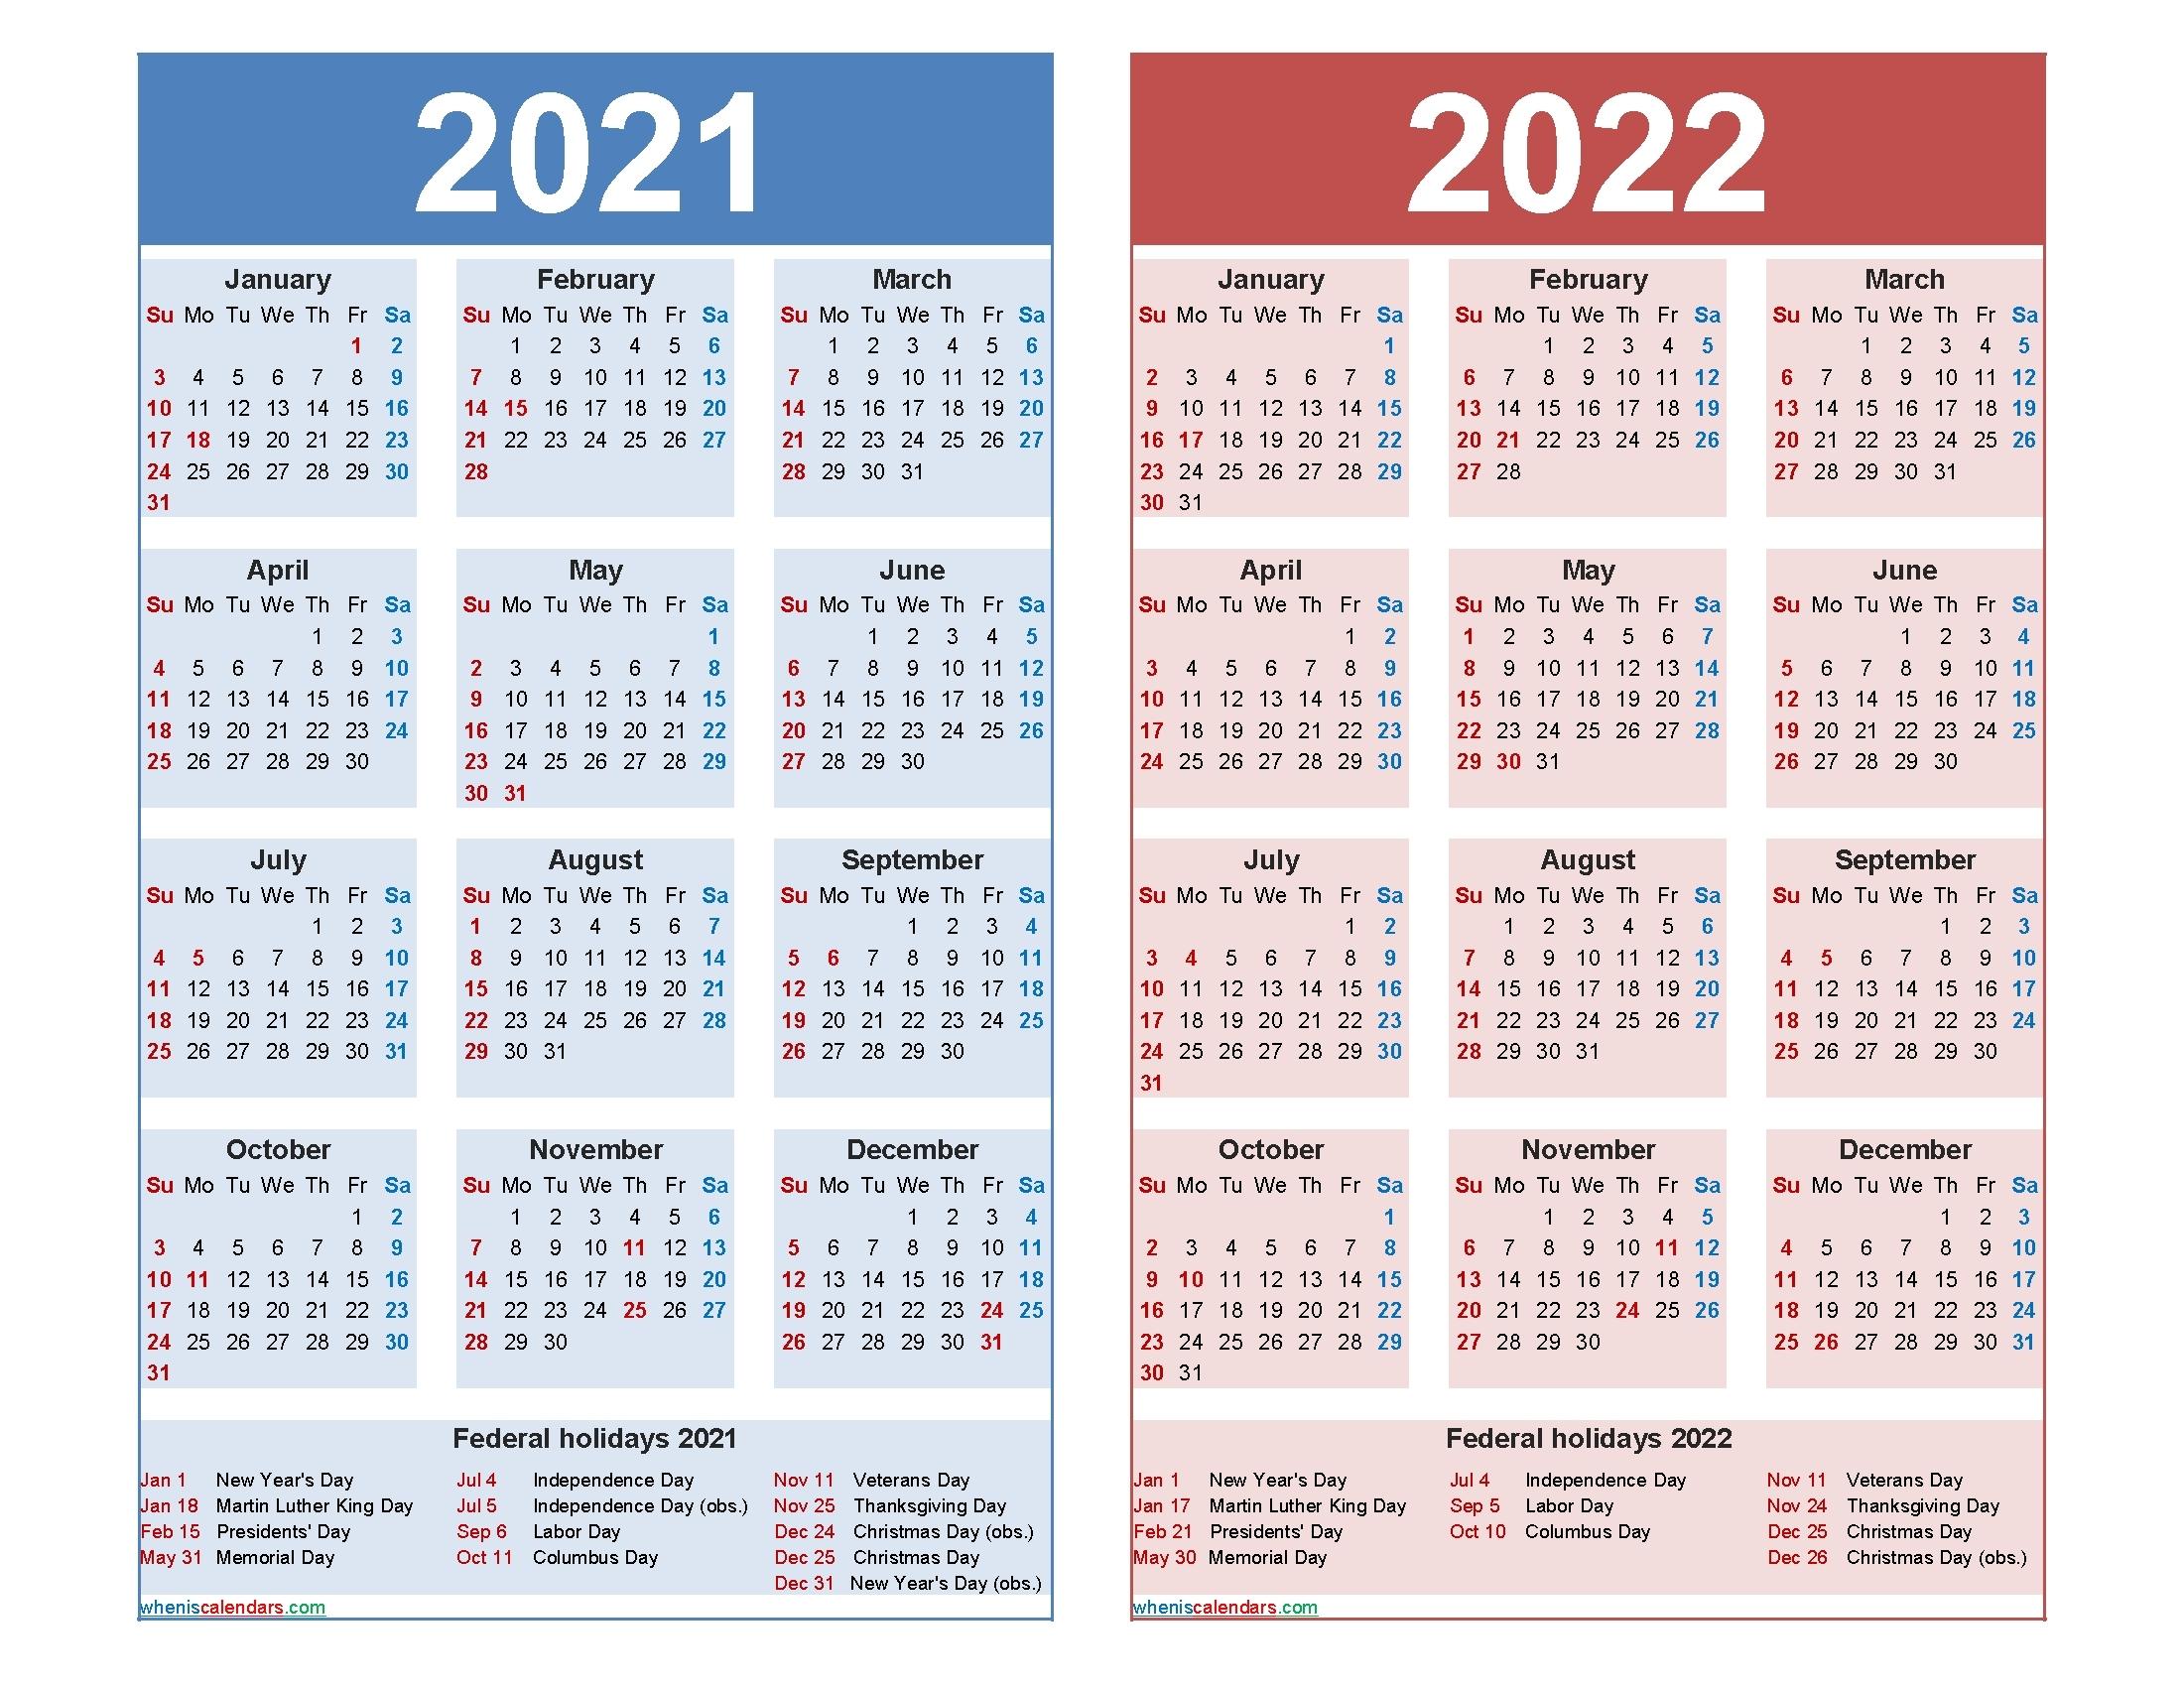 Get 3 Year Calendar Printable 2021 2021 2022